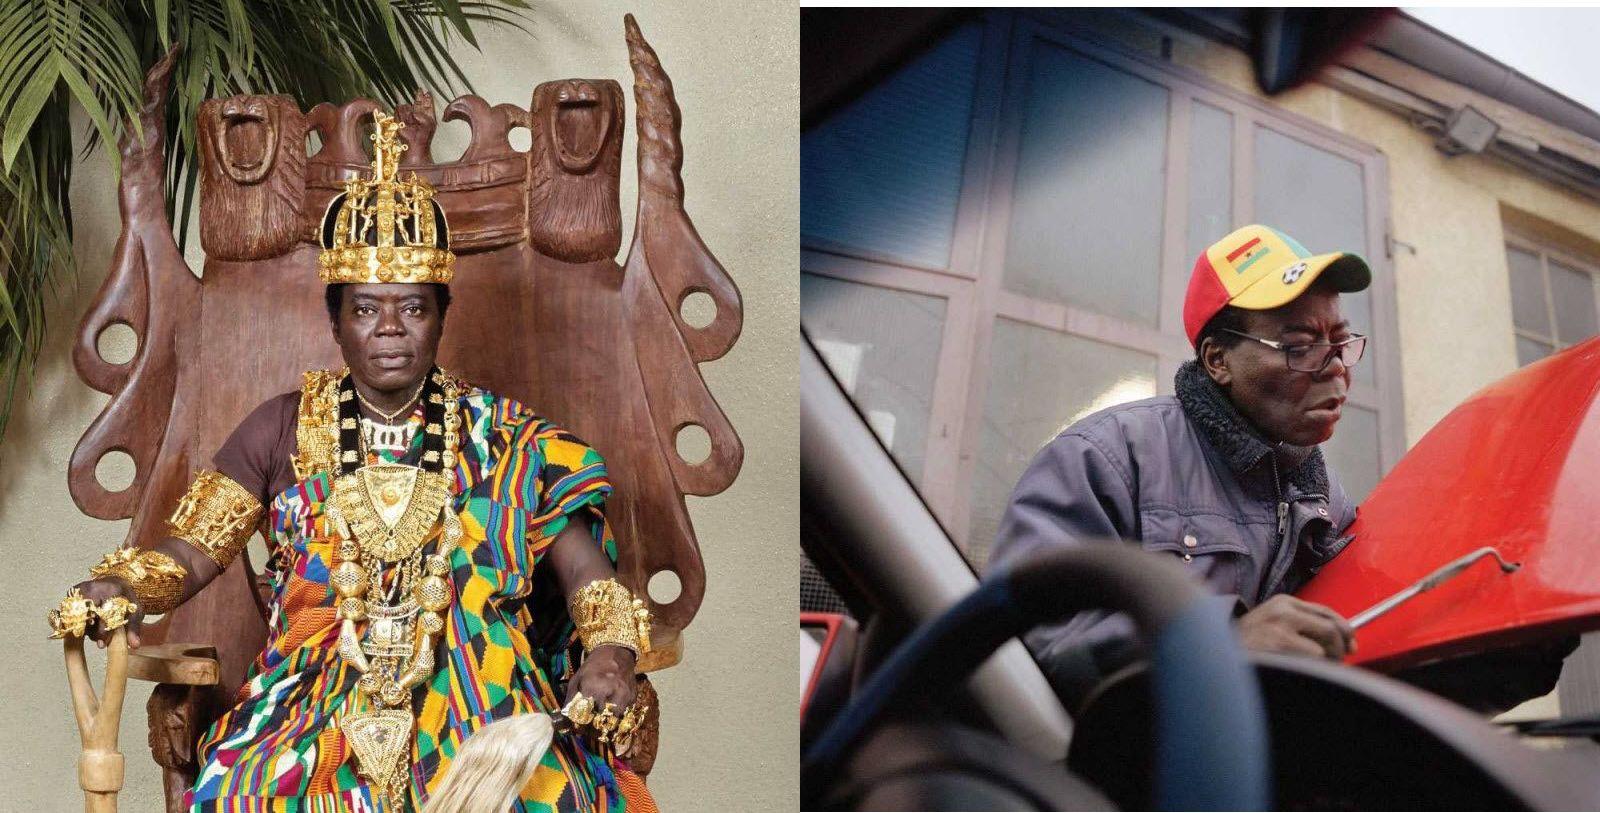 Король Банса или Тогбе Нгорифия Кифа Коси Банса является верховным правителем территории Хохо в Гане